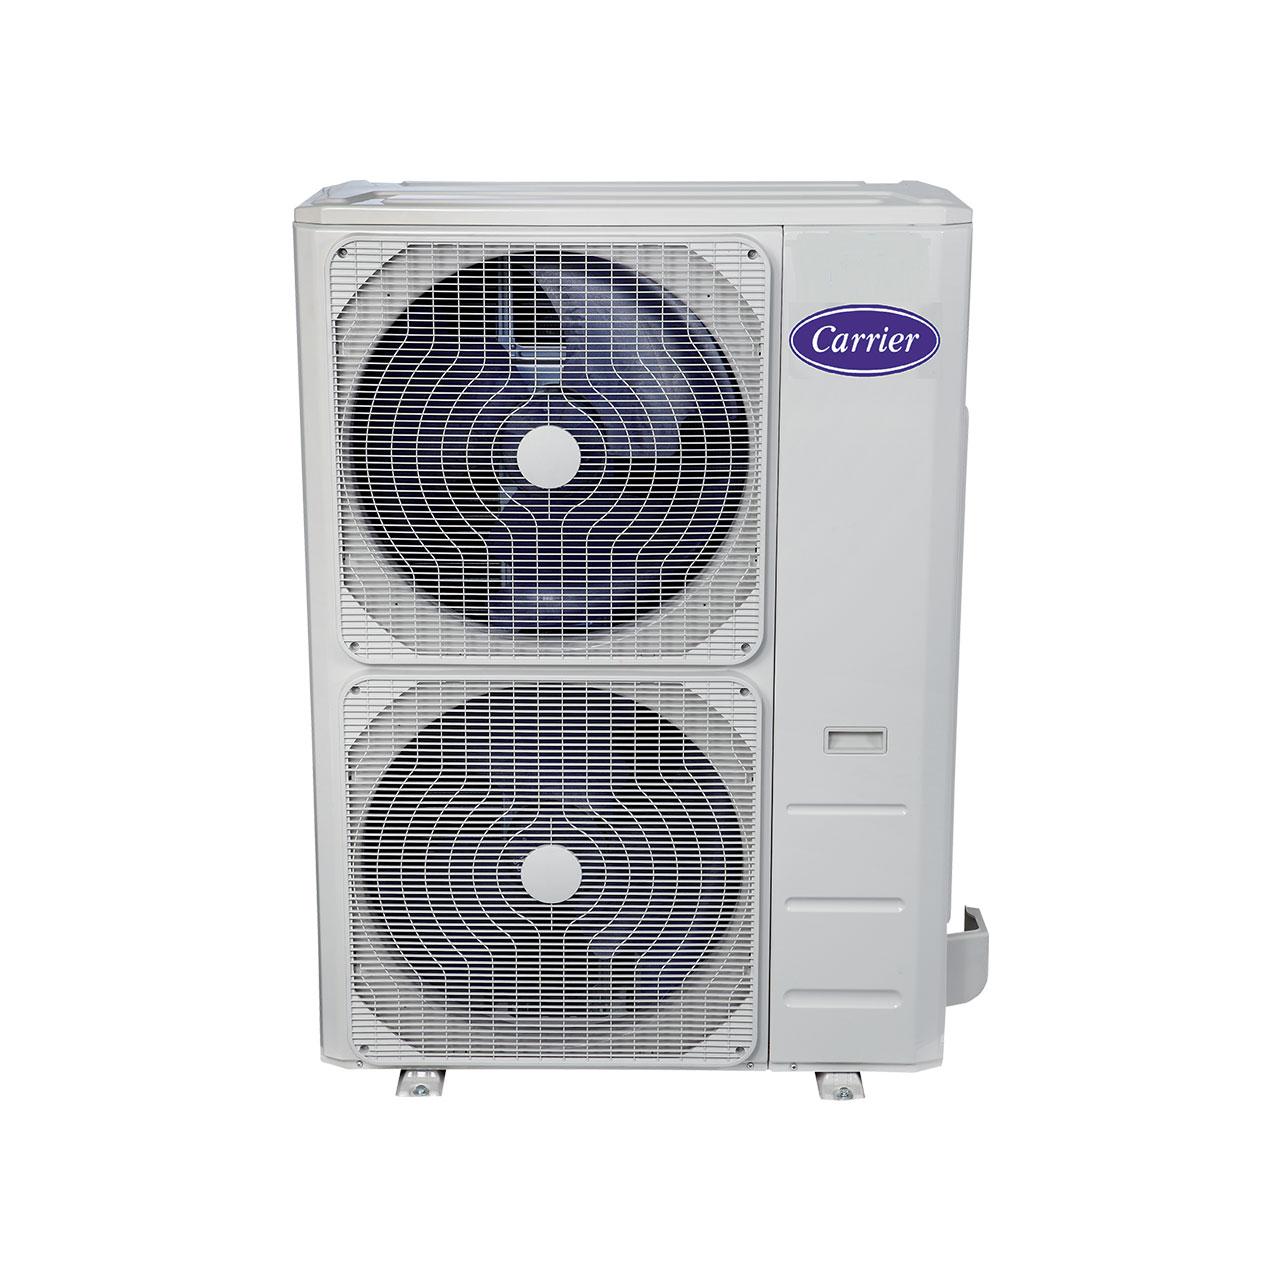 carrier-split-systems-outdoor-units-38-qus-double-fan